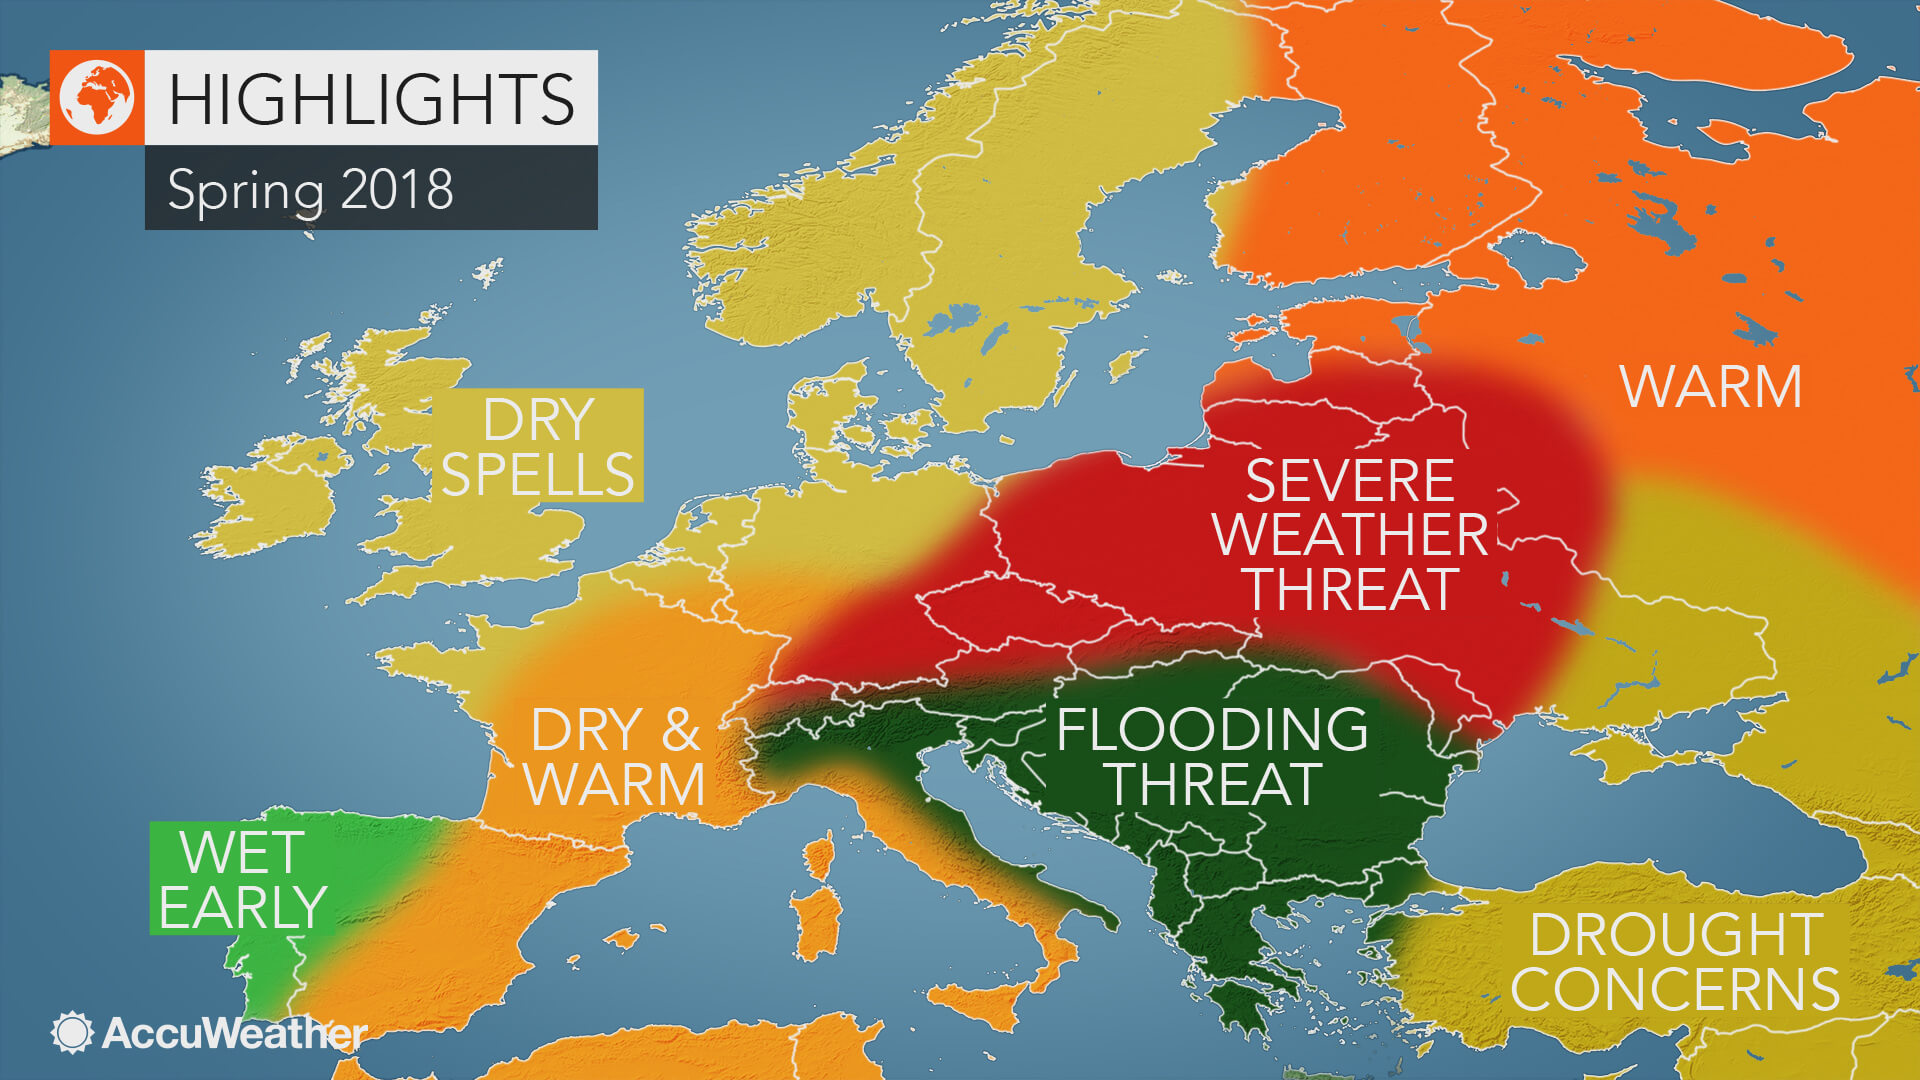 prognoza-pogody-europa-upal-2018